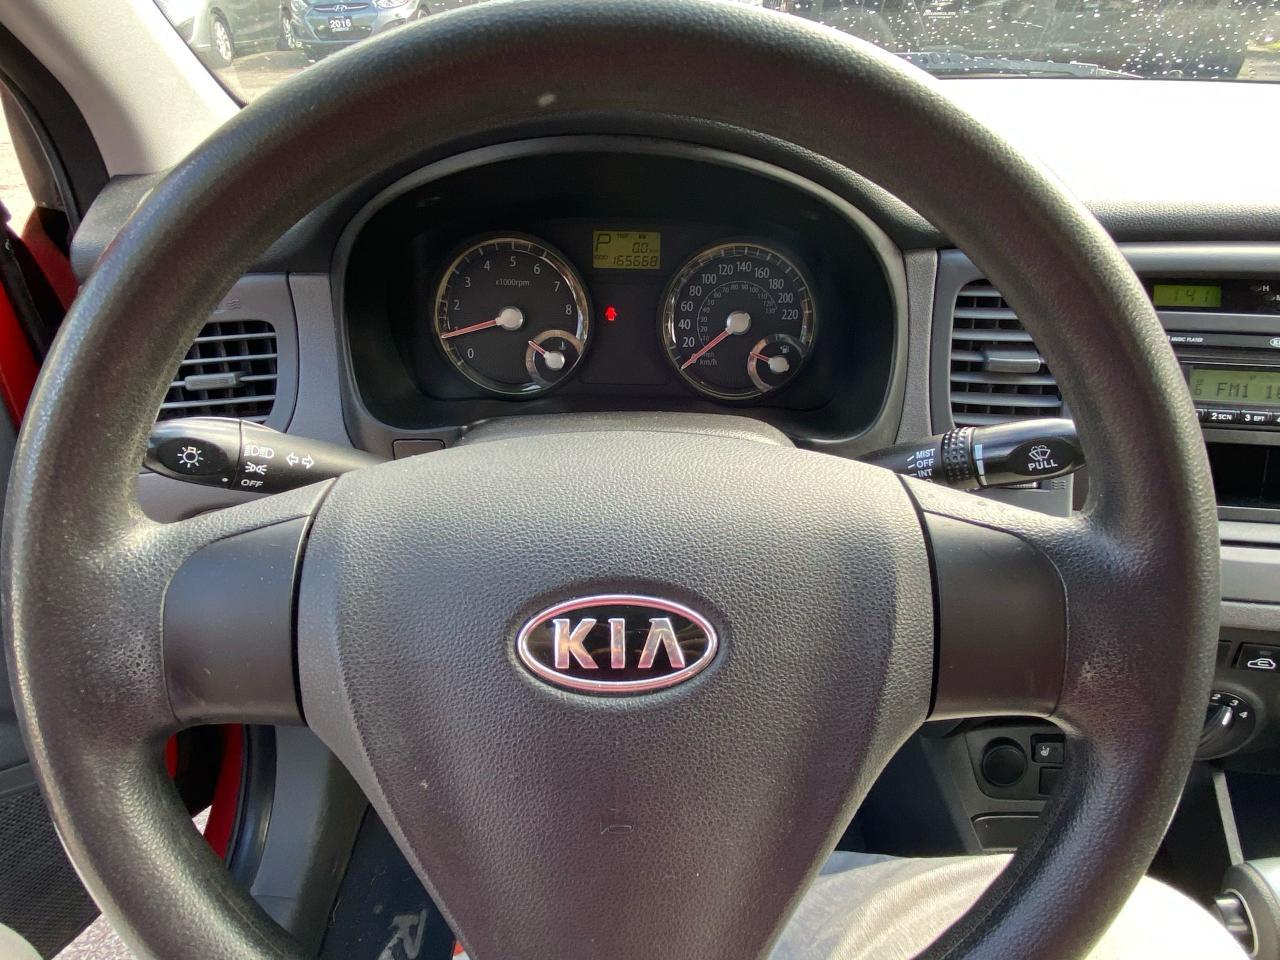 2008 Kia Rio